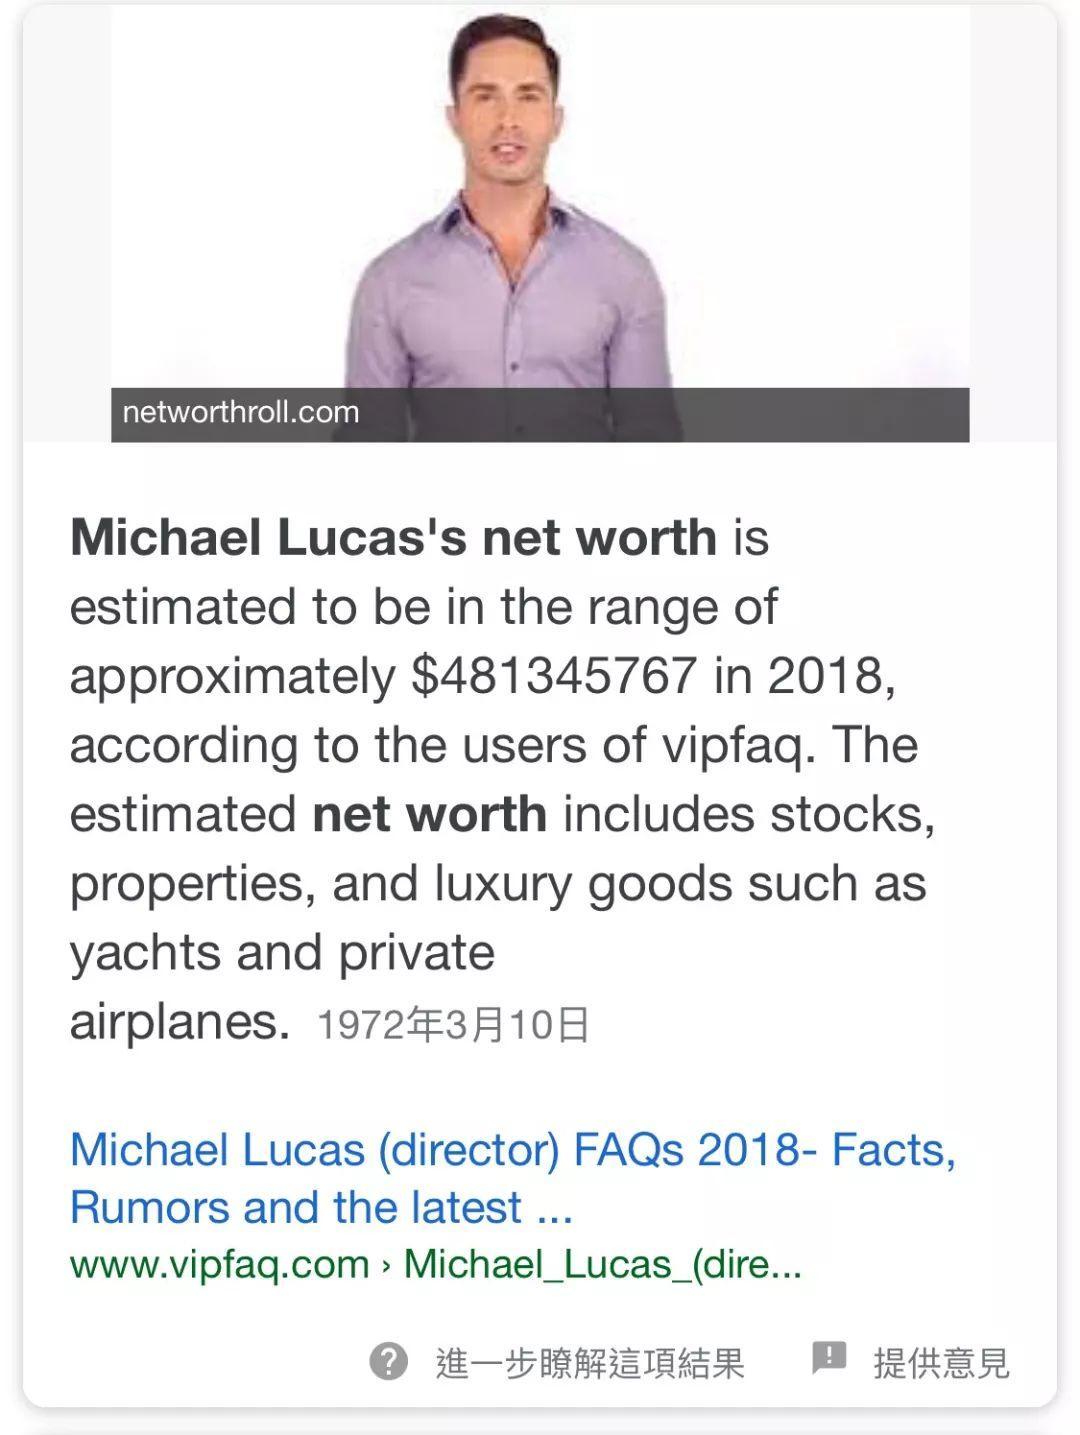 名媛之首Michael Lucas登上富豪榜,资产高过卡戴珊和碧昂丝...